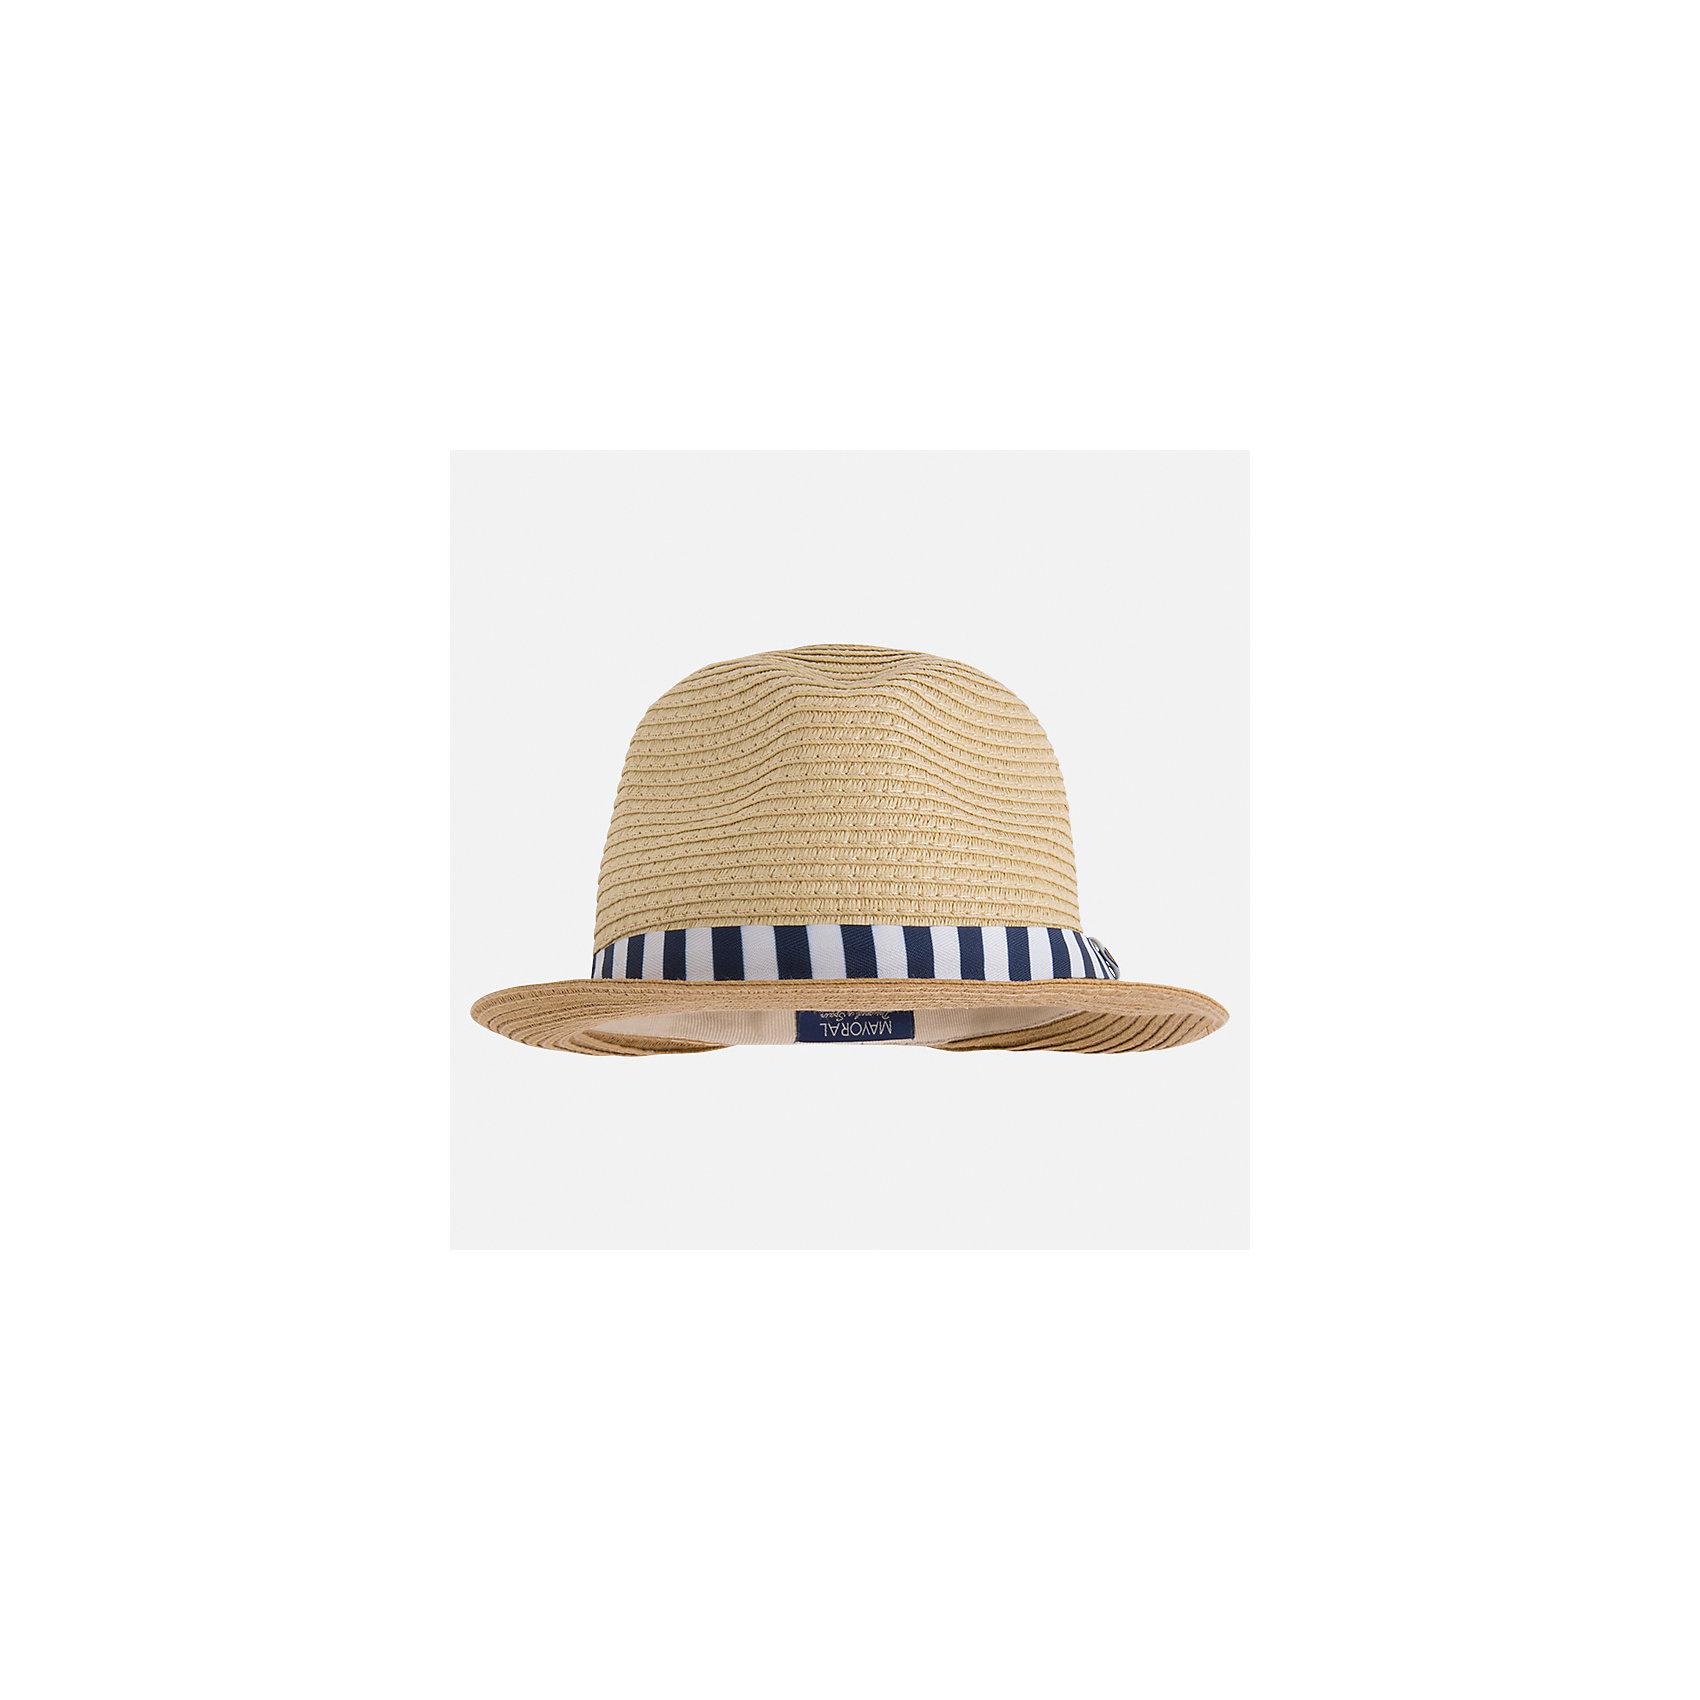 Шляпа для мальчика MayoralГоловные уборы<br>Характеристики товара:<br><br>• цвет: бежевый<br>• состав: 100% бумага<br>• комфортная посадка<br>• дышащая фактура<br>• декорирована лентой<br>• страна бренда: Испания<br><br>Красивая легкая шляпа для мальчика поможет обеспечить ребенку защиту от солнца и дополнить наряд. Универсальный цвет позволяет надевать её под наряды различных расцветок. Шляпа удобно сидит и красиво смотрится. Отличное дополнение к летней одежде!<br><br>Одежда, обувь и аксессуары от испанского бренда Mayoral полюбились детям и взрослым по всему миру. Модели этой марки - стильные и удобные. Для их производства используются только безопасные, качественные материалы и фурнитура. Порадуйте ребенка модными и красивыми вещами от Mayoral! <br><br>Шляпу для мальчика от испанского бренда Mayoral (Майорал) можно купить в нашем интернет-магазине.<br><br>Ширина мм: 89<br>Глубина мм: 117<br>Высота мм: 44<br>Вес г: 155<br>Цвет: синий<br>Возраст от месяцев: 24<br>Возраст до месяцев: 36<br>Пол: Мужской<br>Возраст: Детский<br>Размер: 50,52,54<br>SKU: 5294474